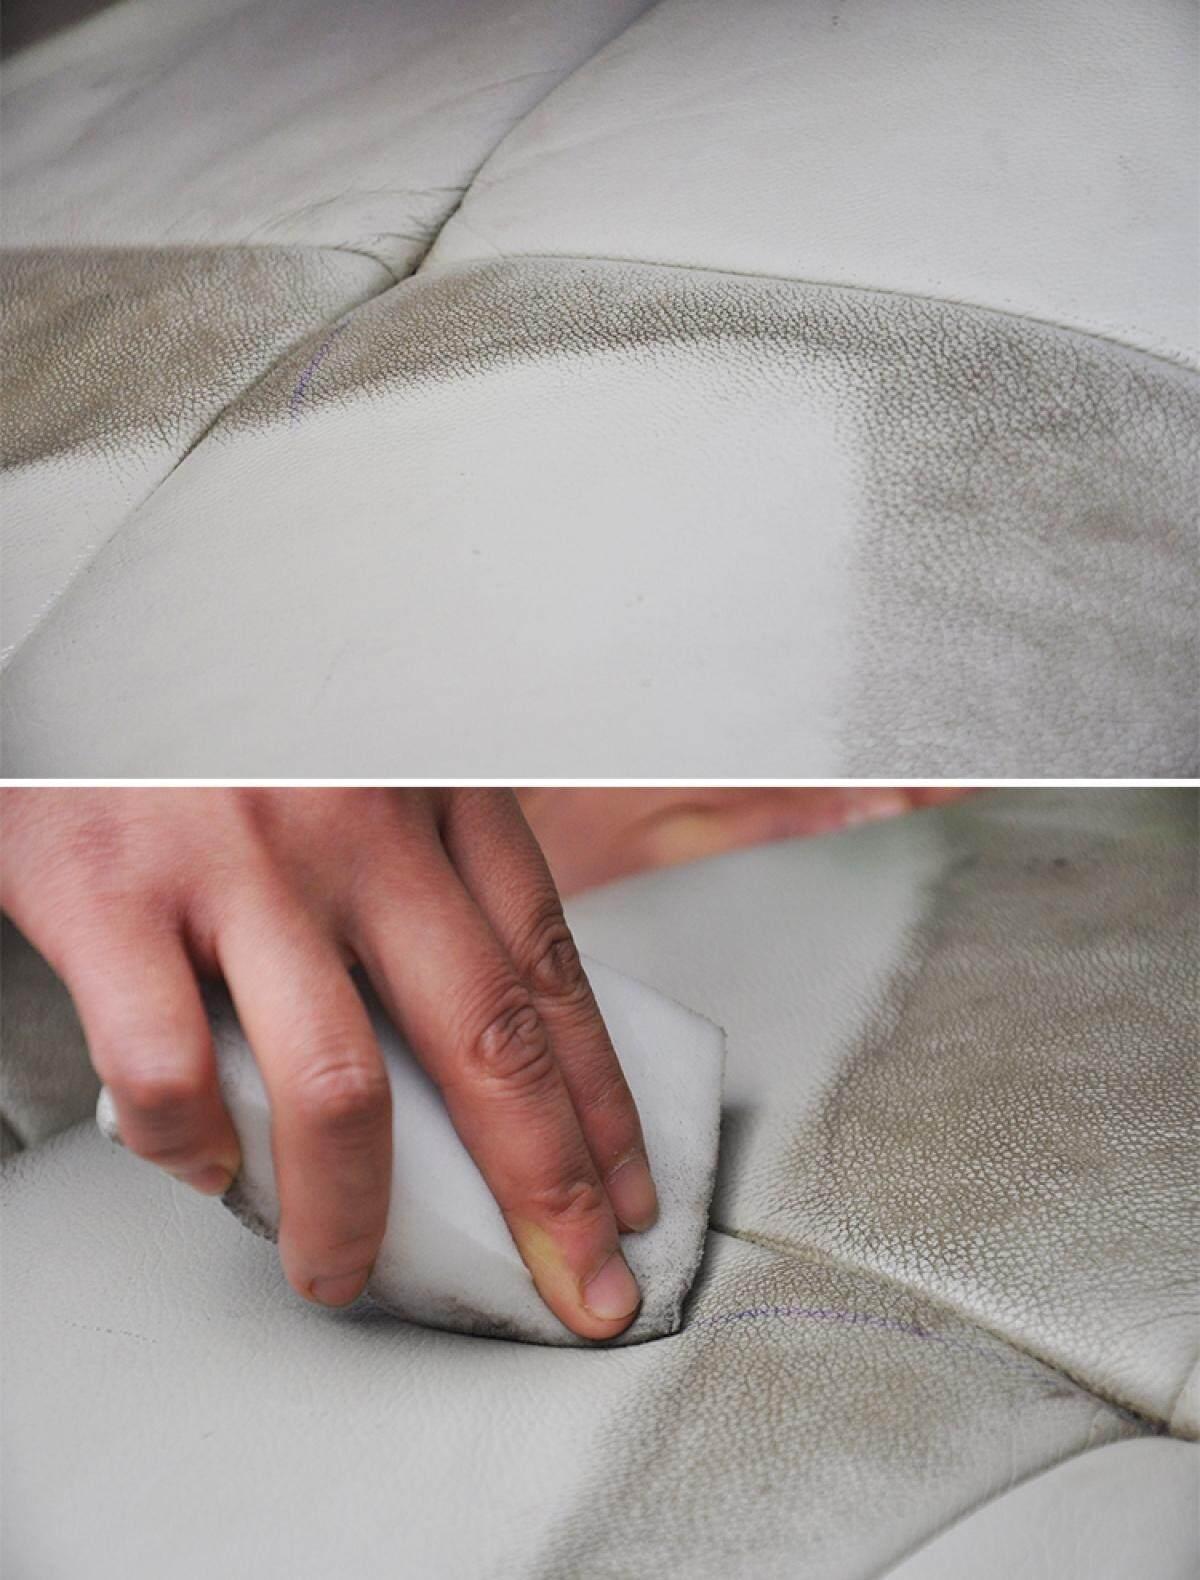 Tekkashop Multi Leather Cleaner Leather Furniture Moisturiser Gel 250g + Free Sponge